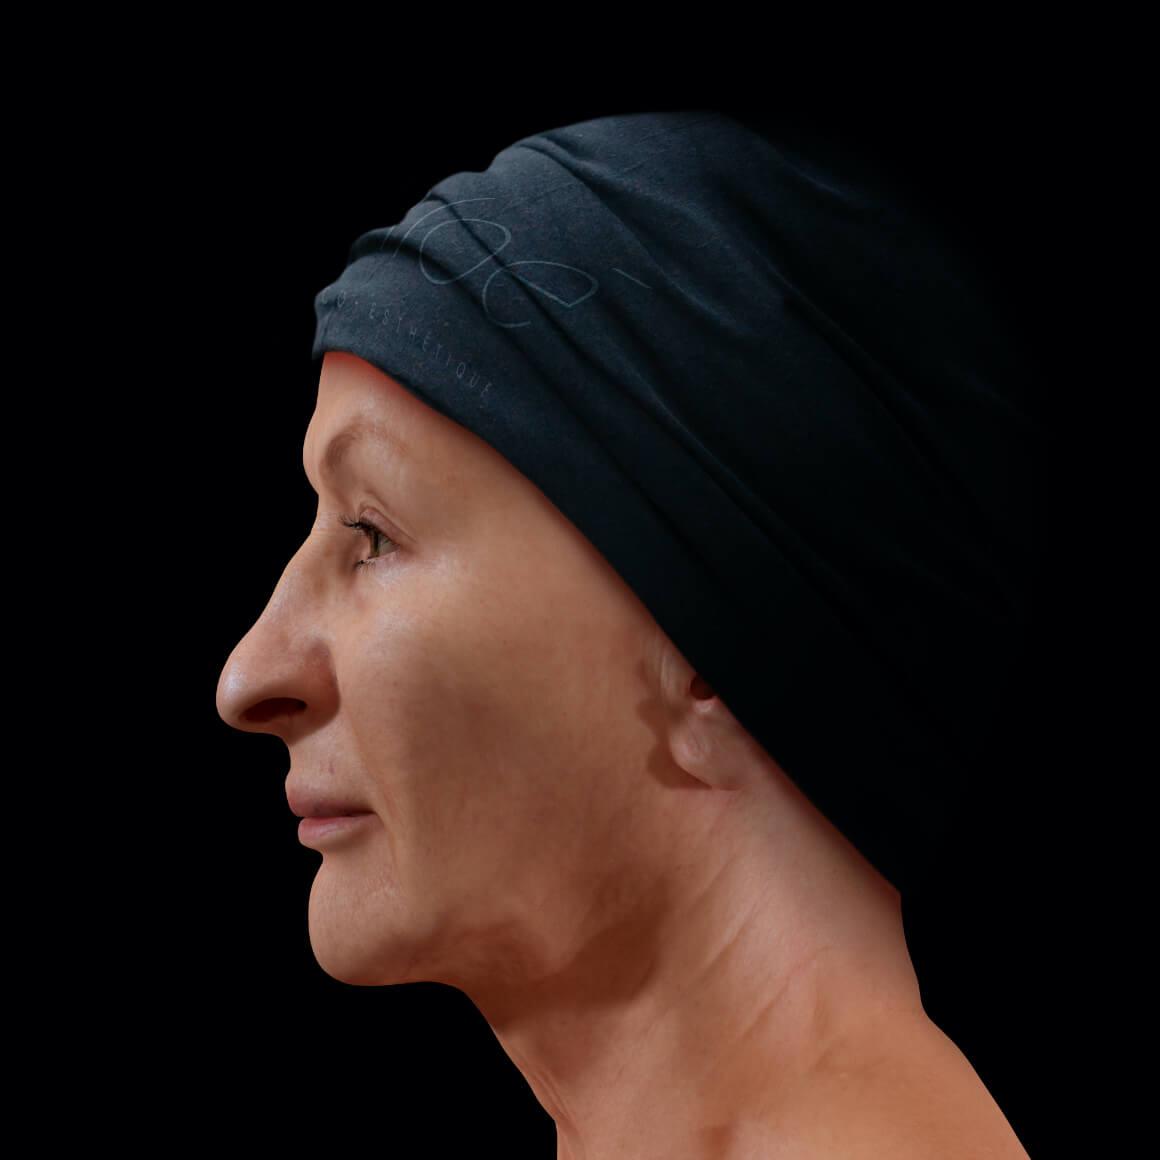 A female Clinique Chloé patient positioned sideways after an IPL photorejuvenation treatment for rosacea